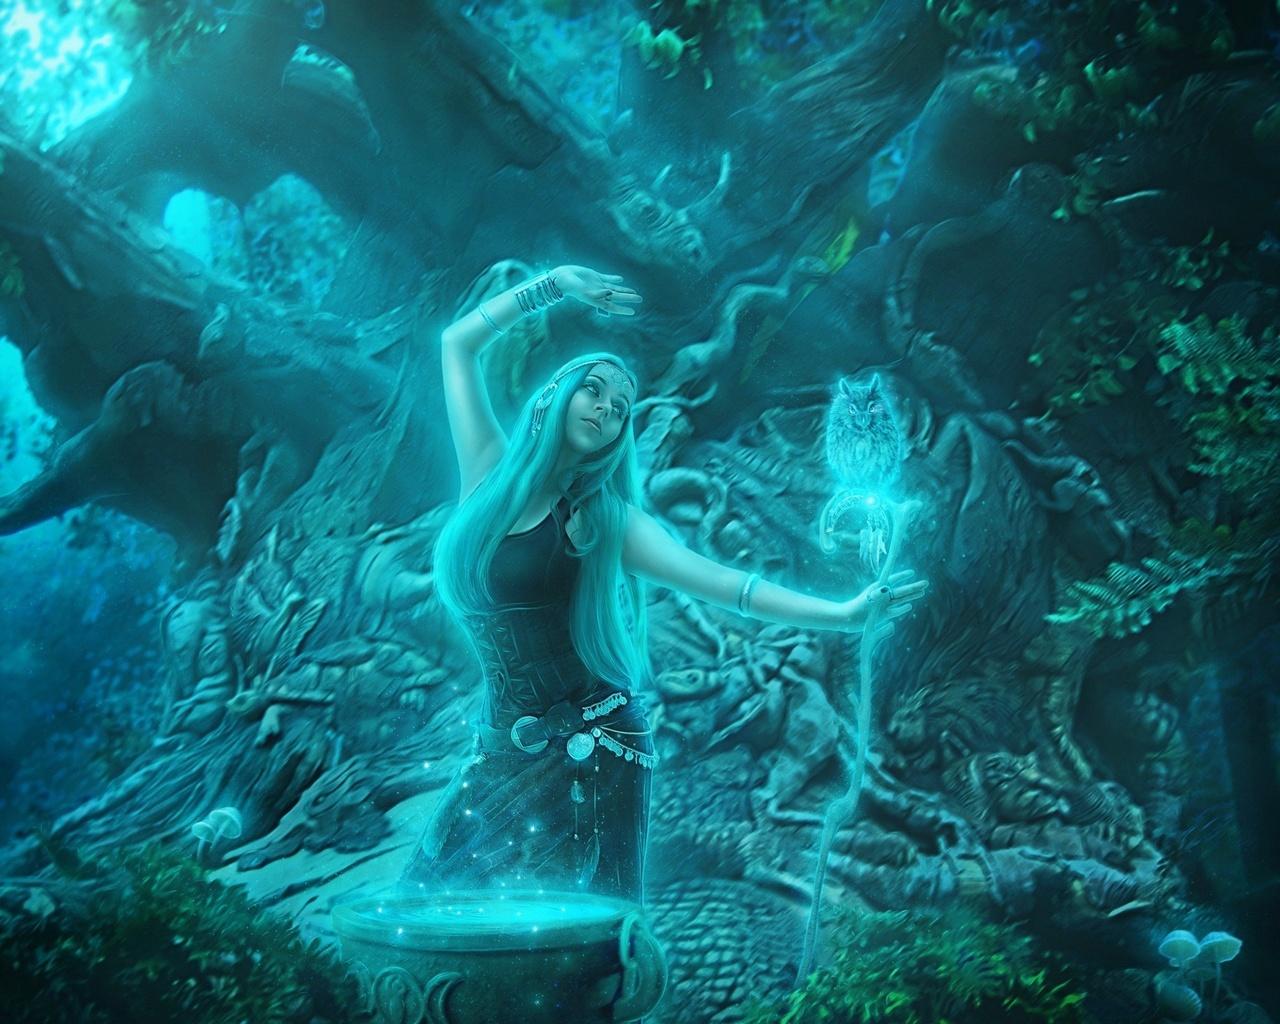 внешнему картинки мистические духи могла подумать